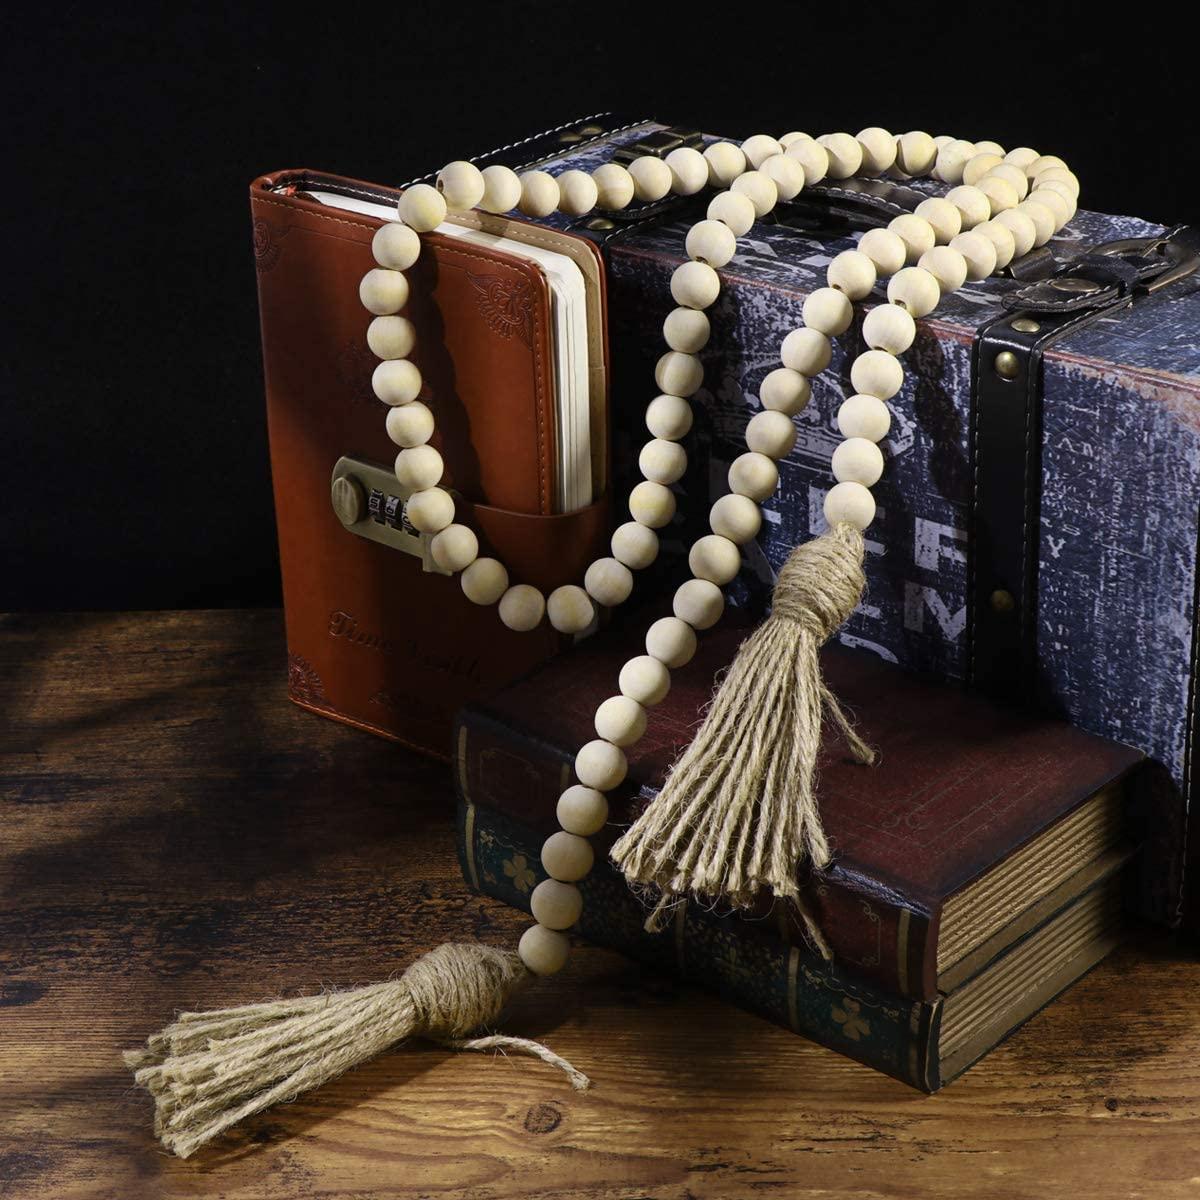 Wood Bead Garland Farmhouse Decor Beads Decor with Tassels Blessing Beads for Farmhouse Bathroom Decor